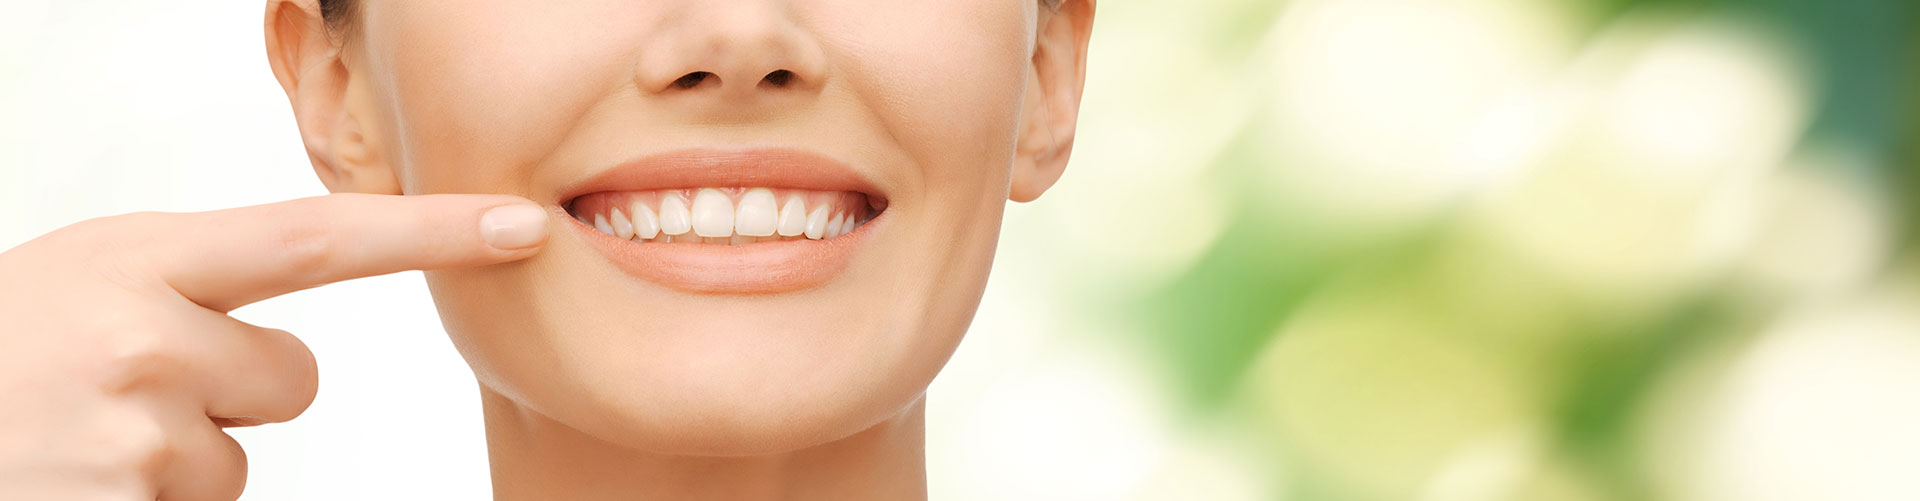 Отбеливание Зубов Стоматология